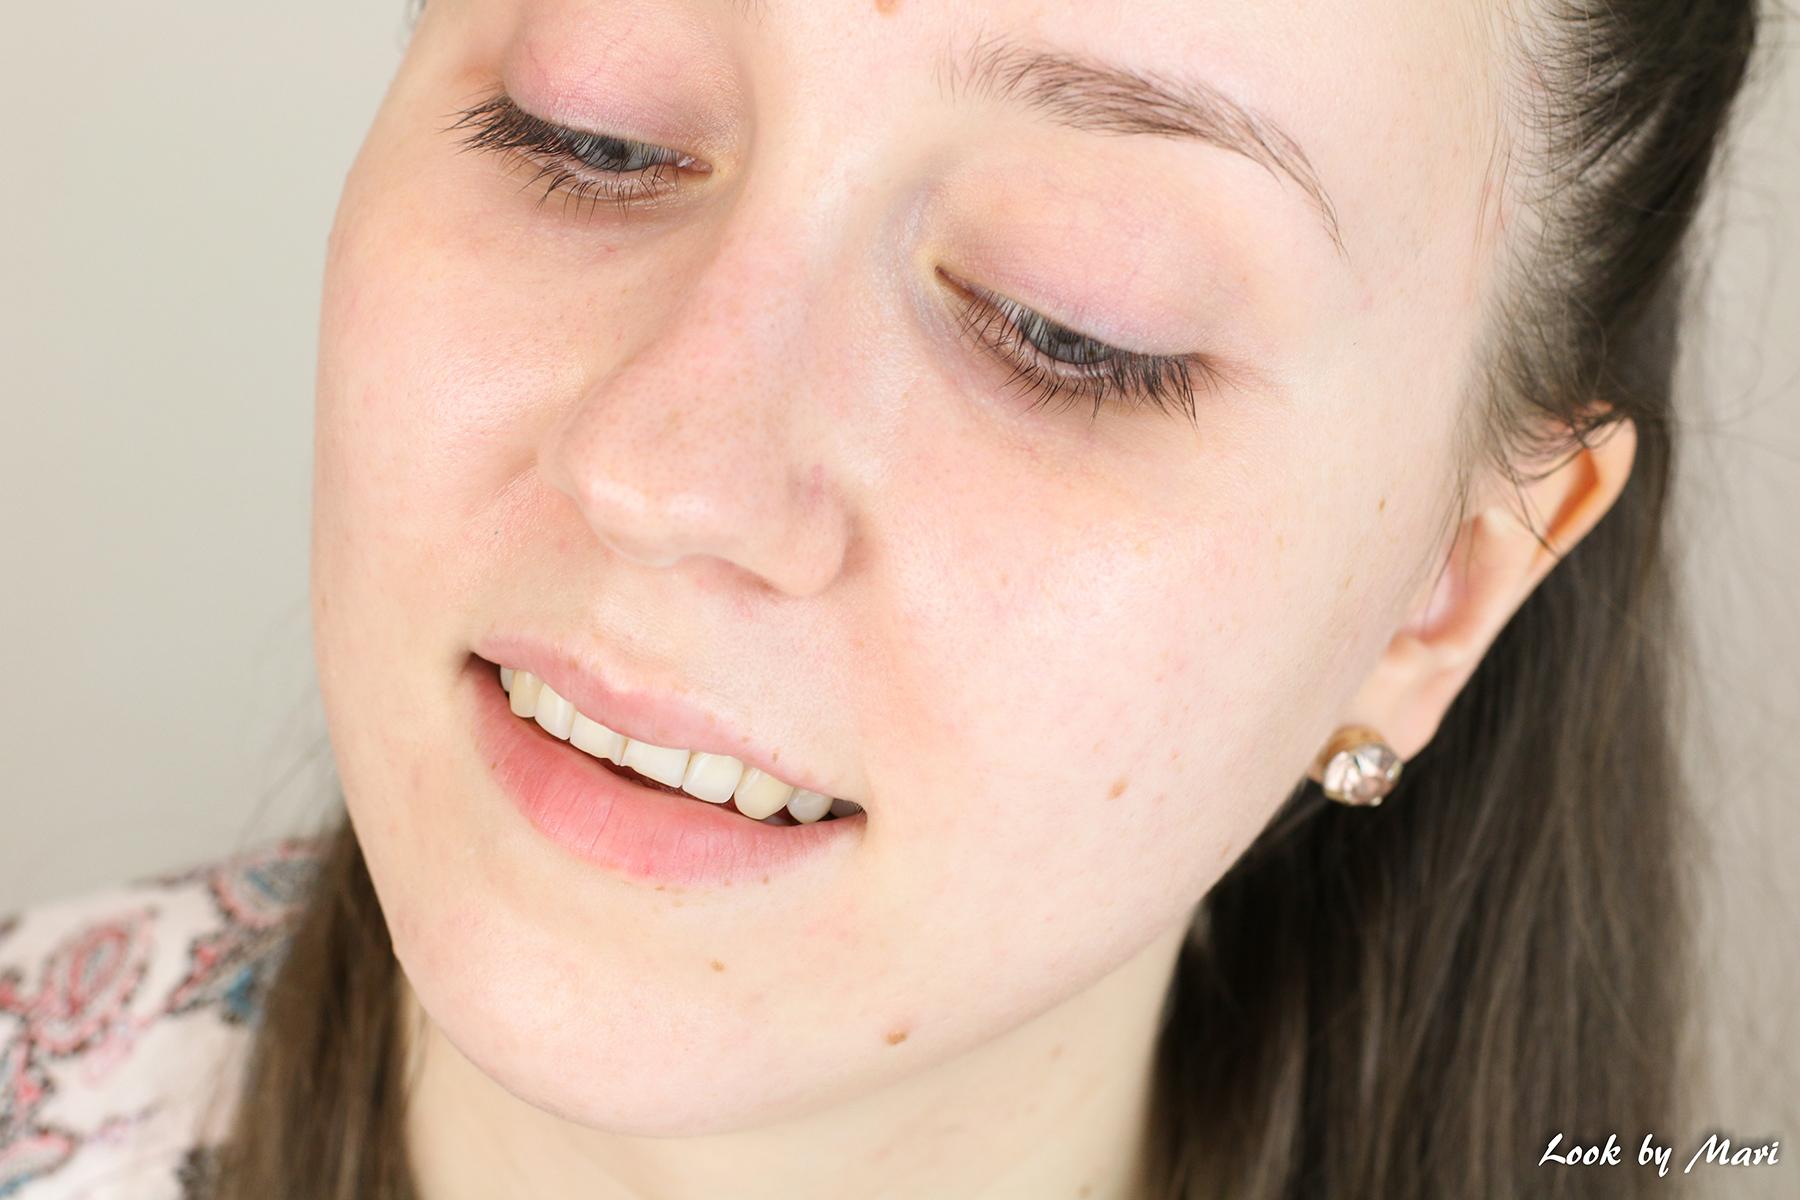 17 twistbe uusi alku iholle koulutus kokemuksia hintansa arvoinen twistbe (1)